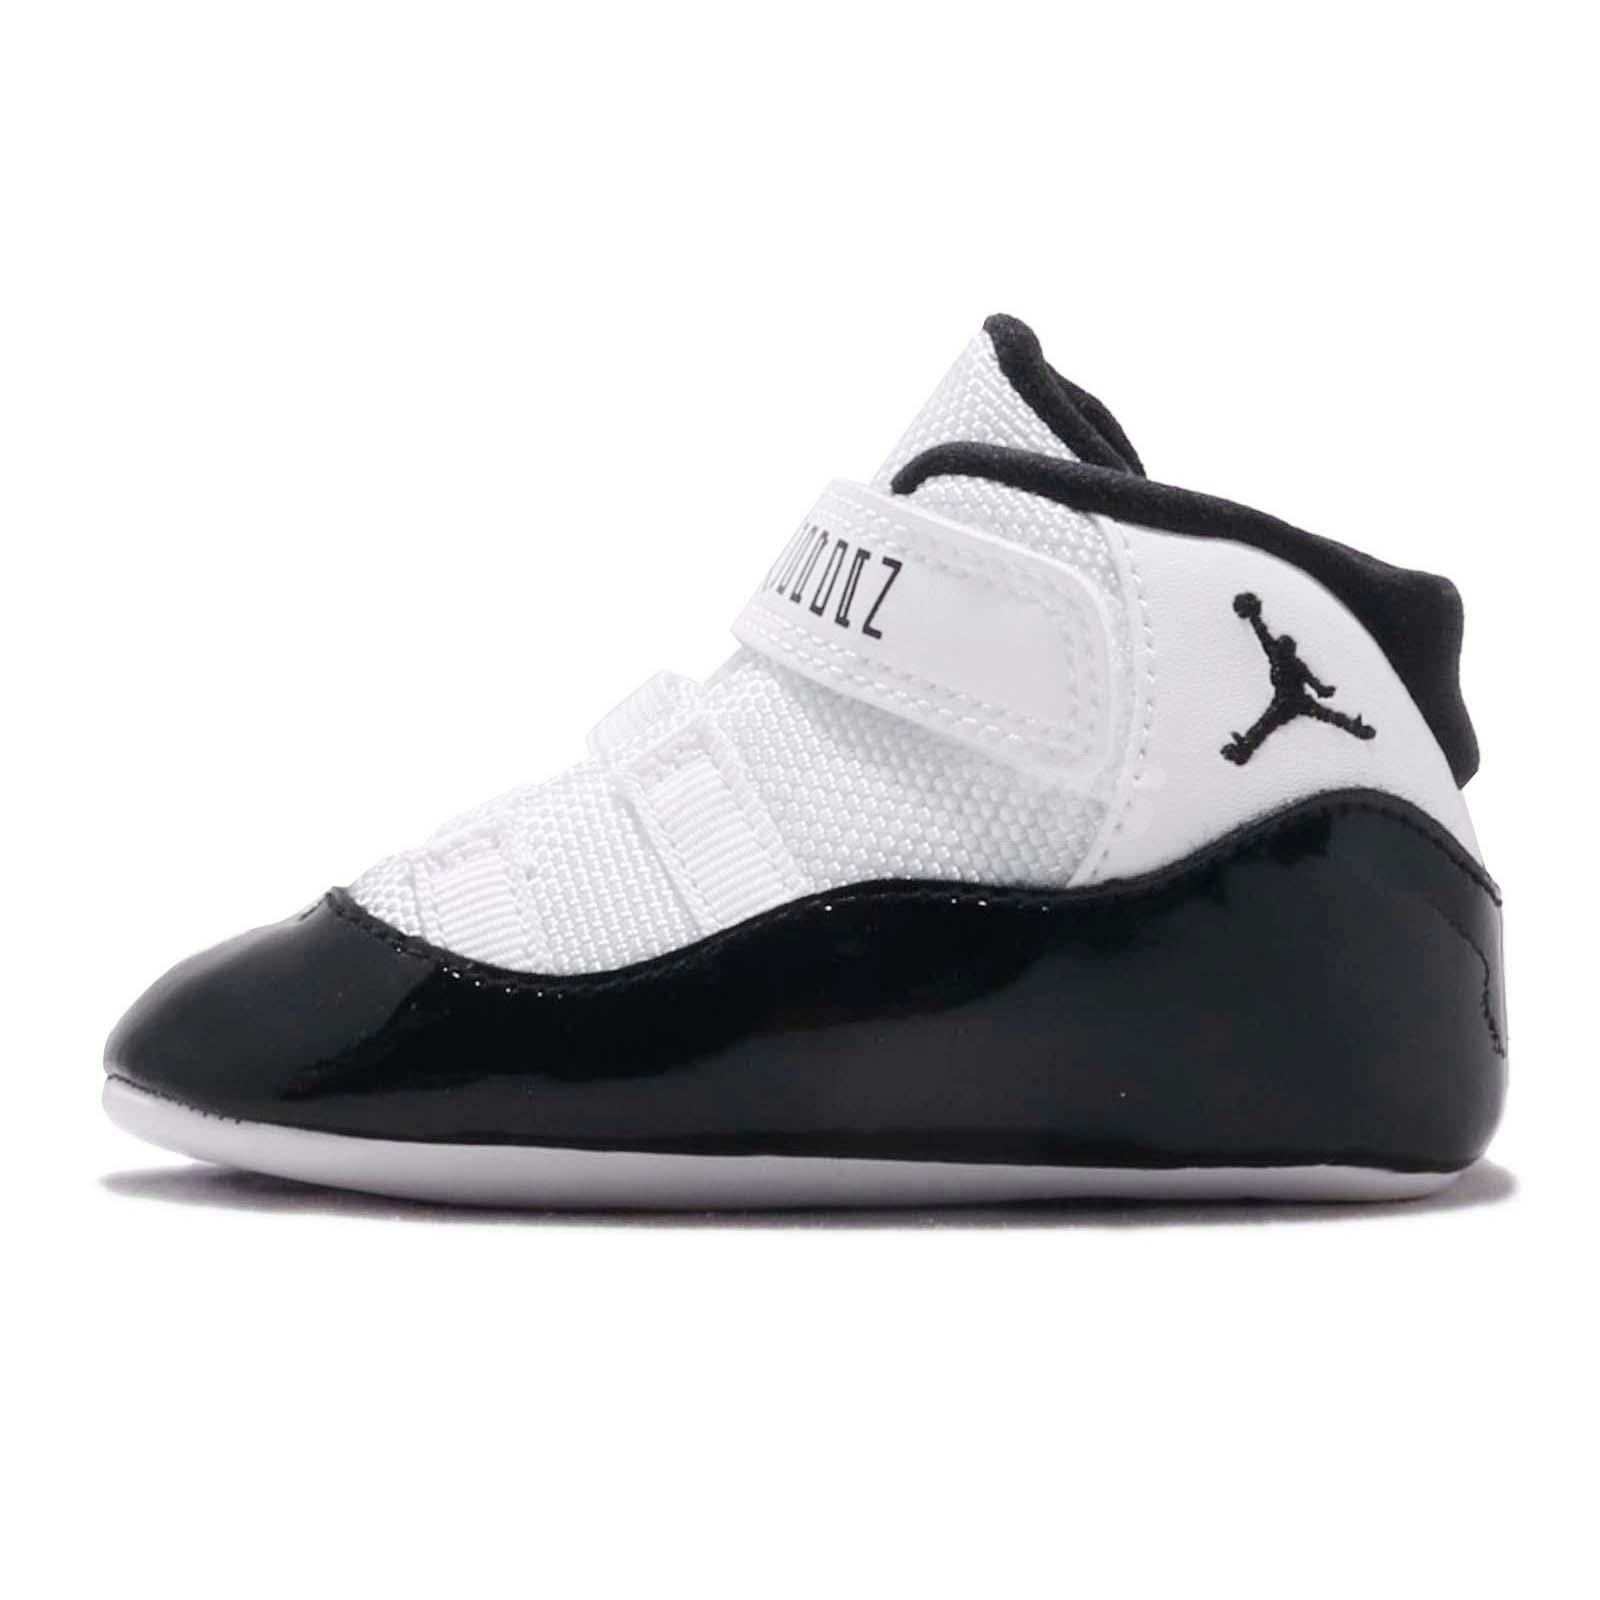 6f52a3092e5e20 Nike Jordan 11 Retro Gift Pack GP XI AJ11 Concord TD Toddler Infant  378049-100